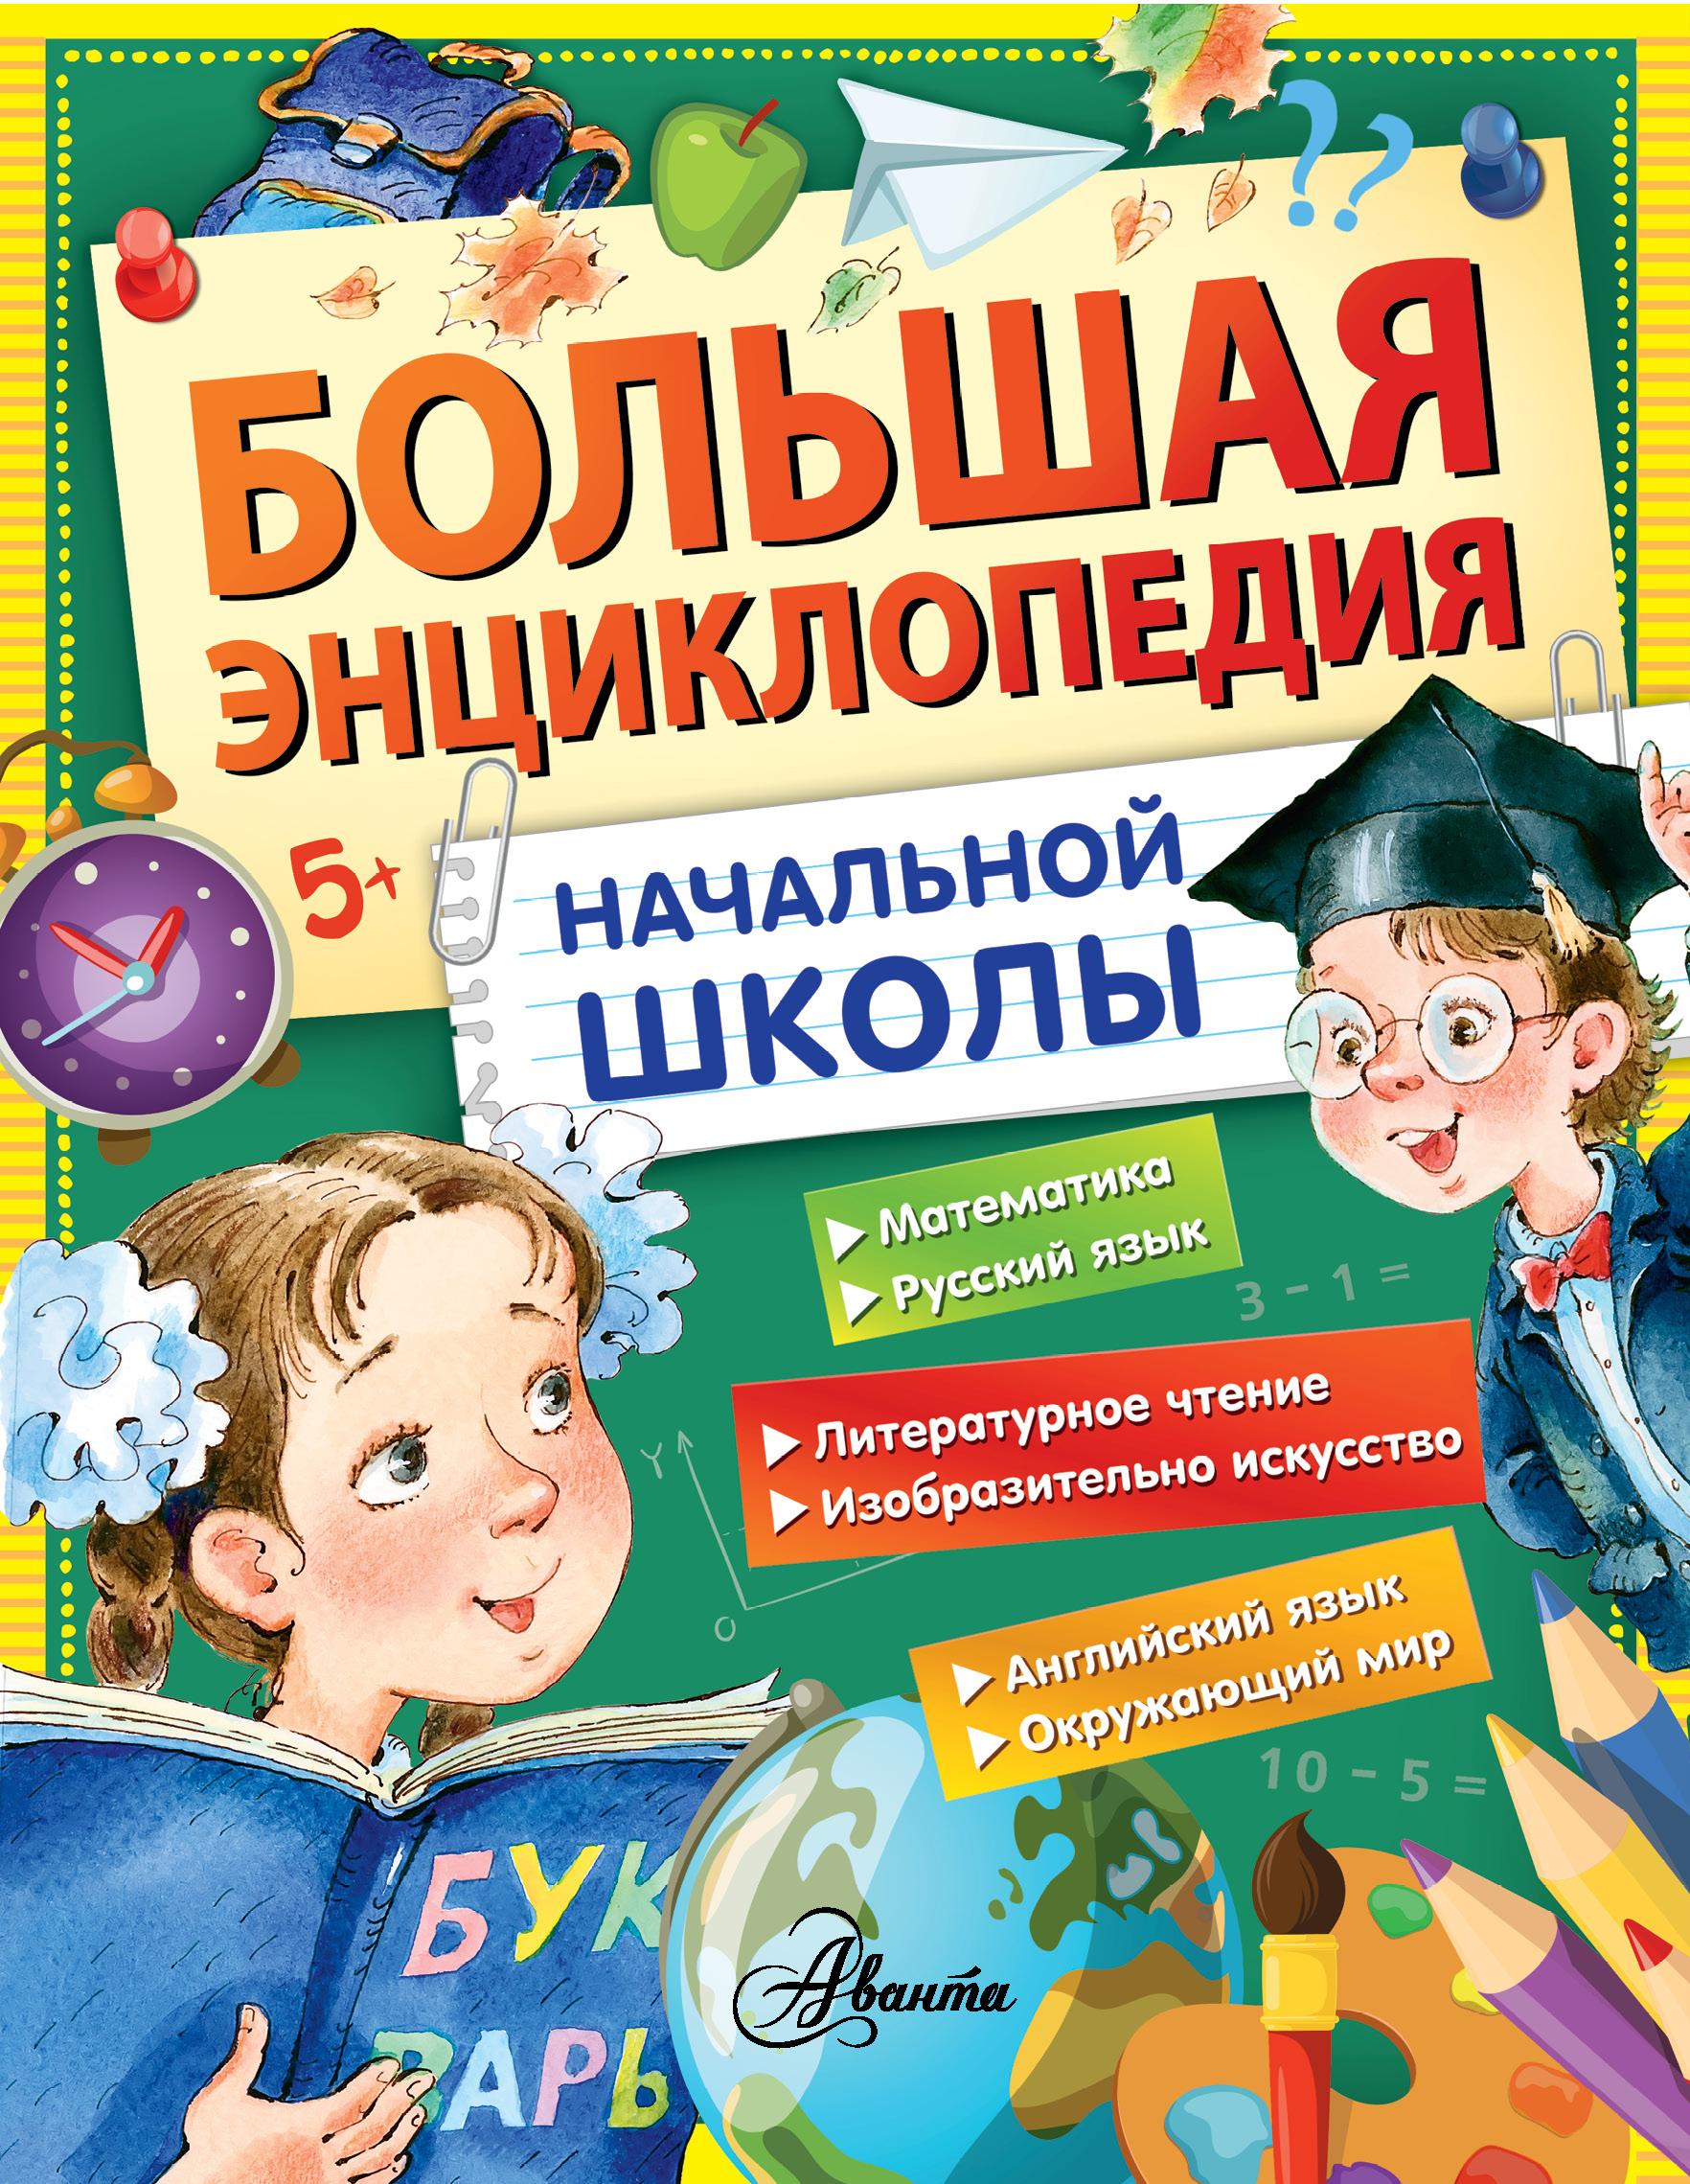 картинки книг для начальной школы меня познакомиться сразу